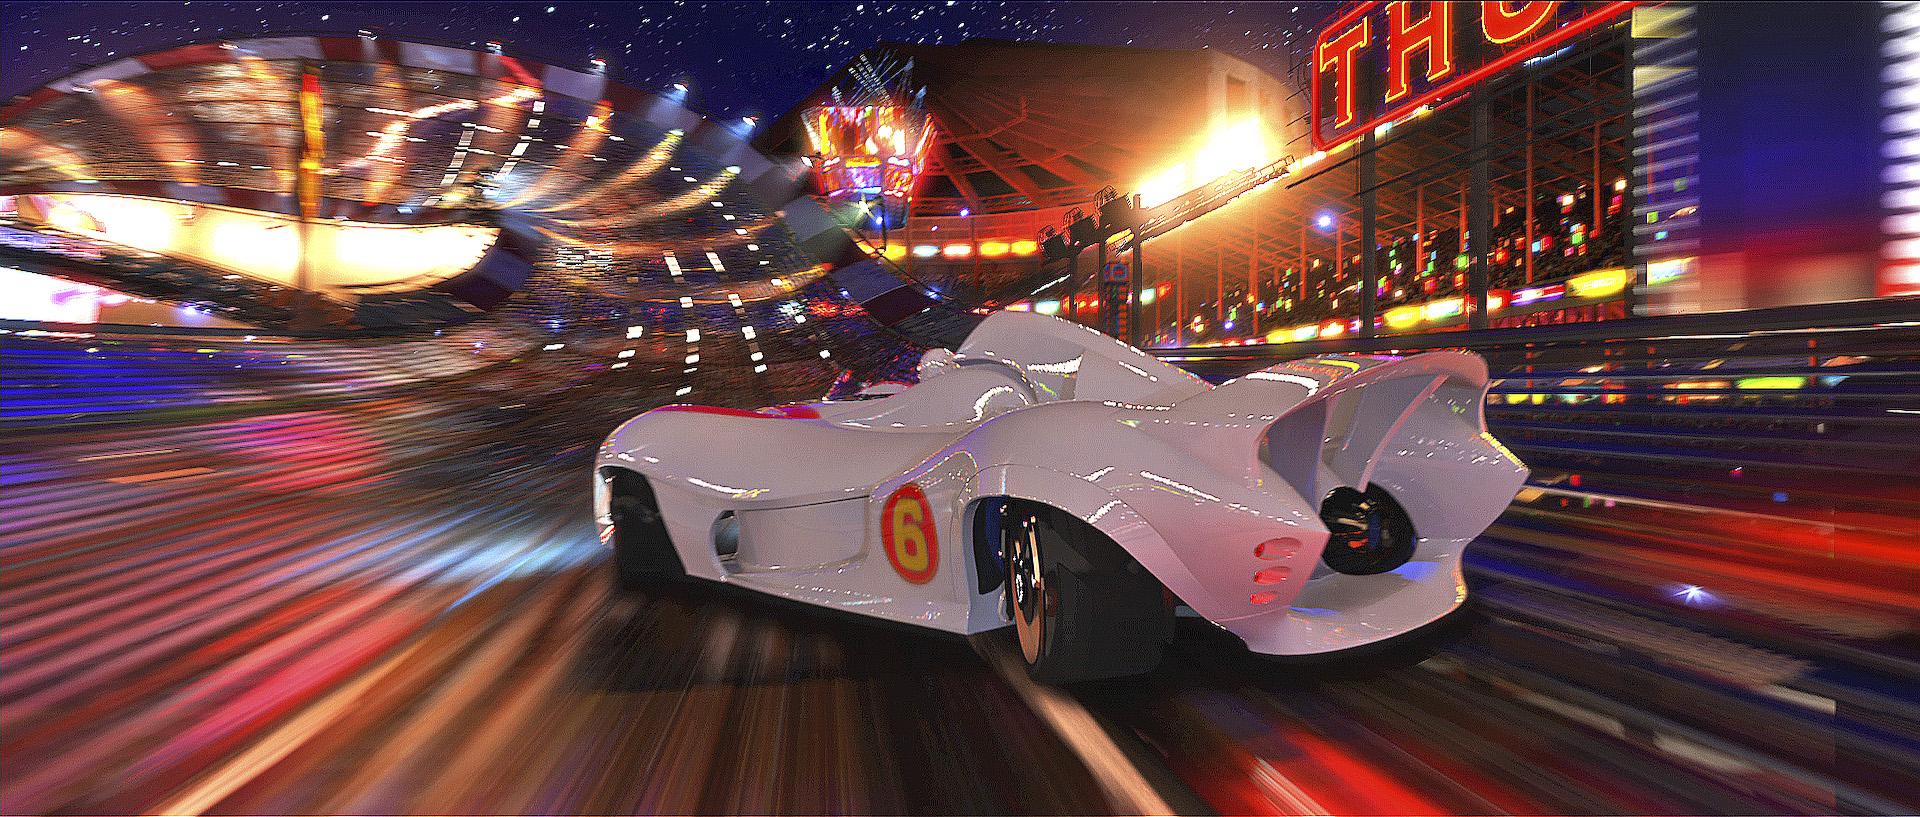 """Résultat de recherche d'images pour """"speed racer"""""""